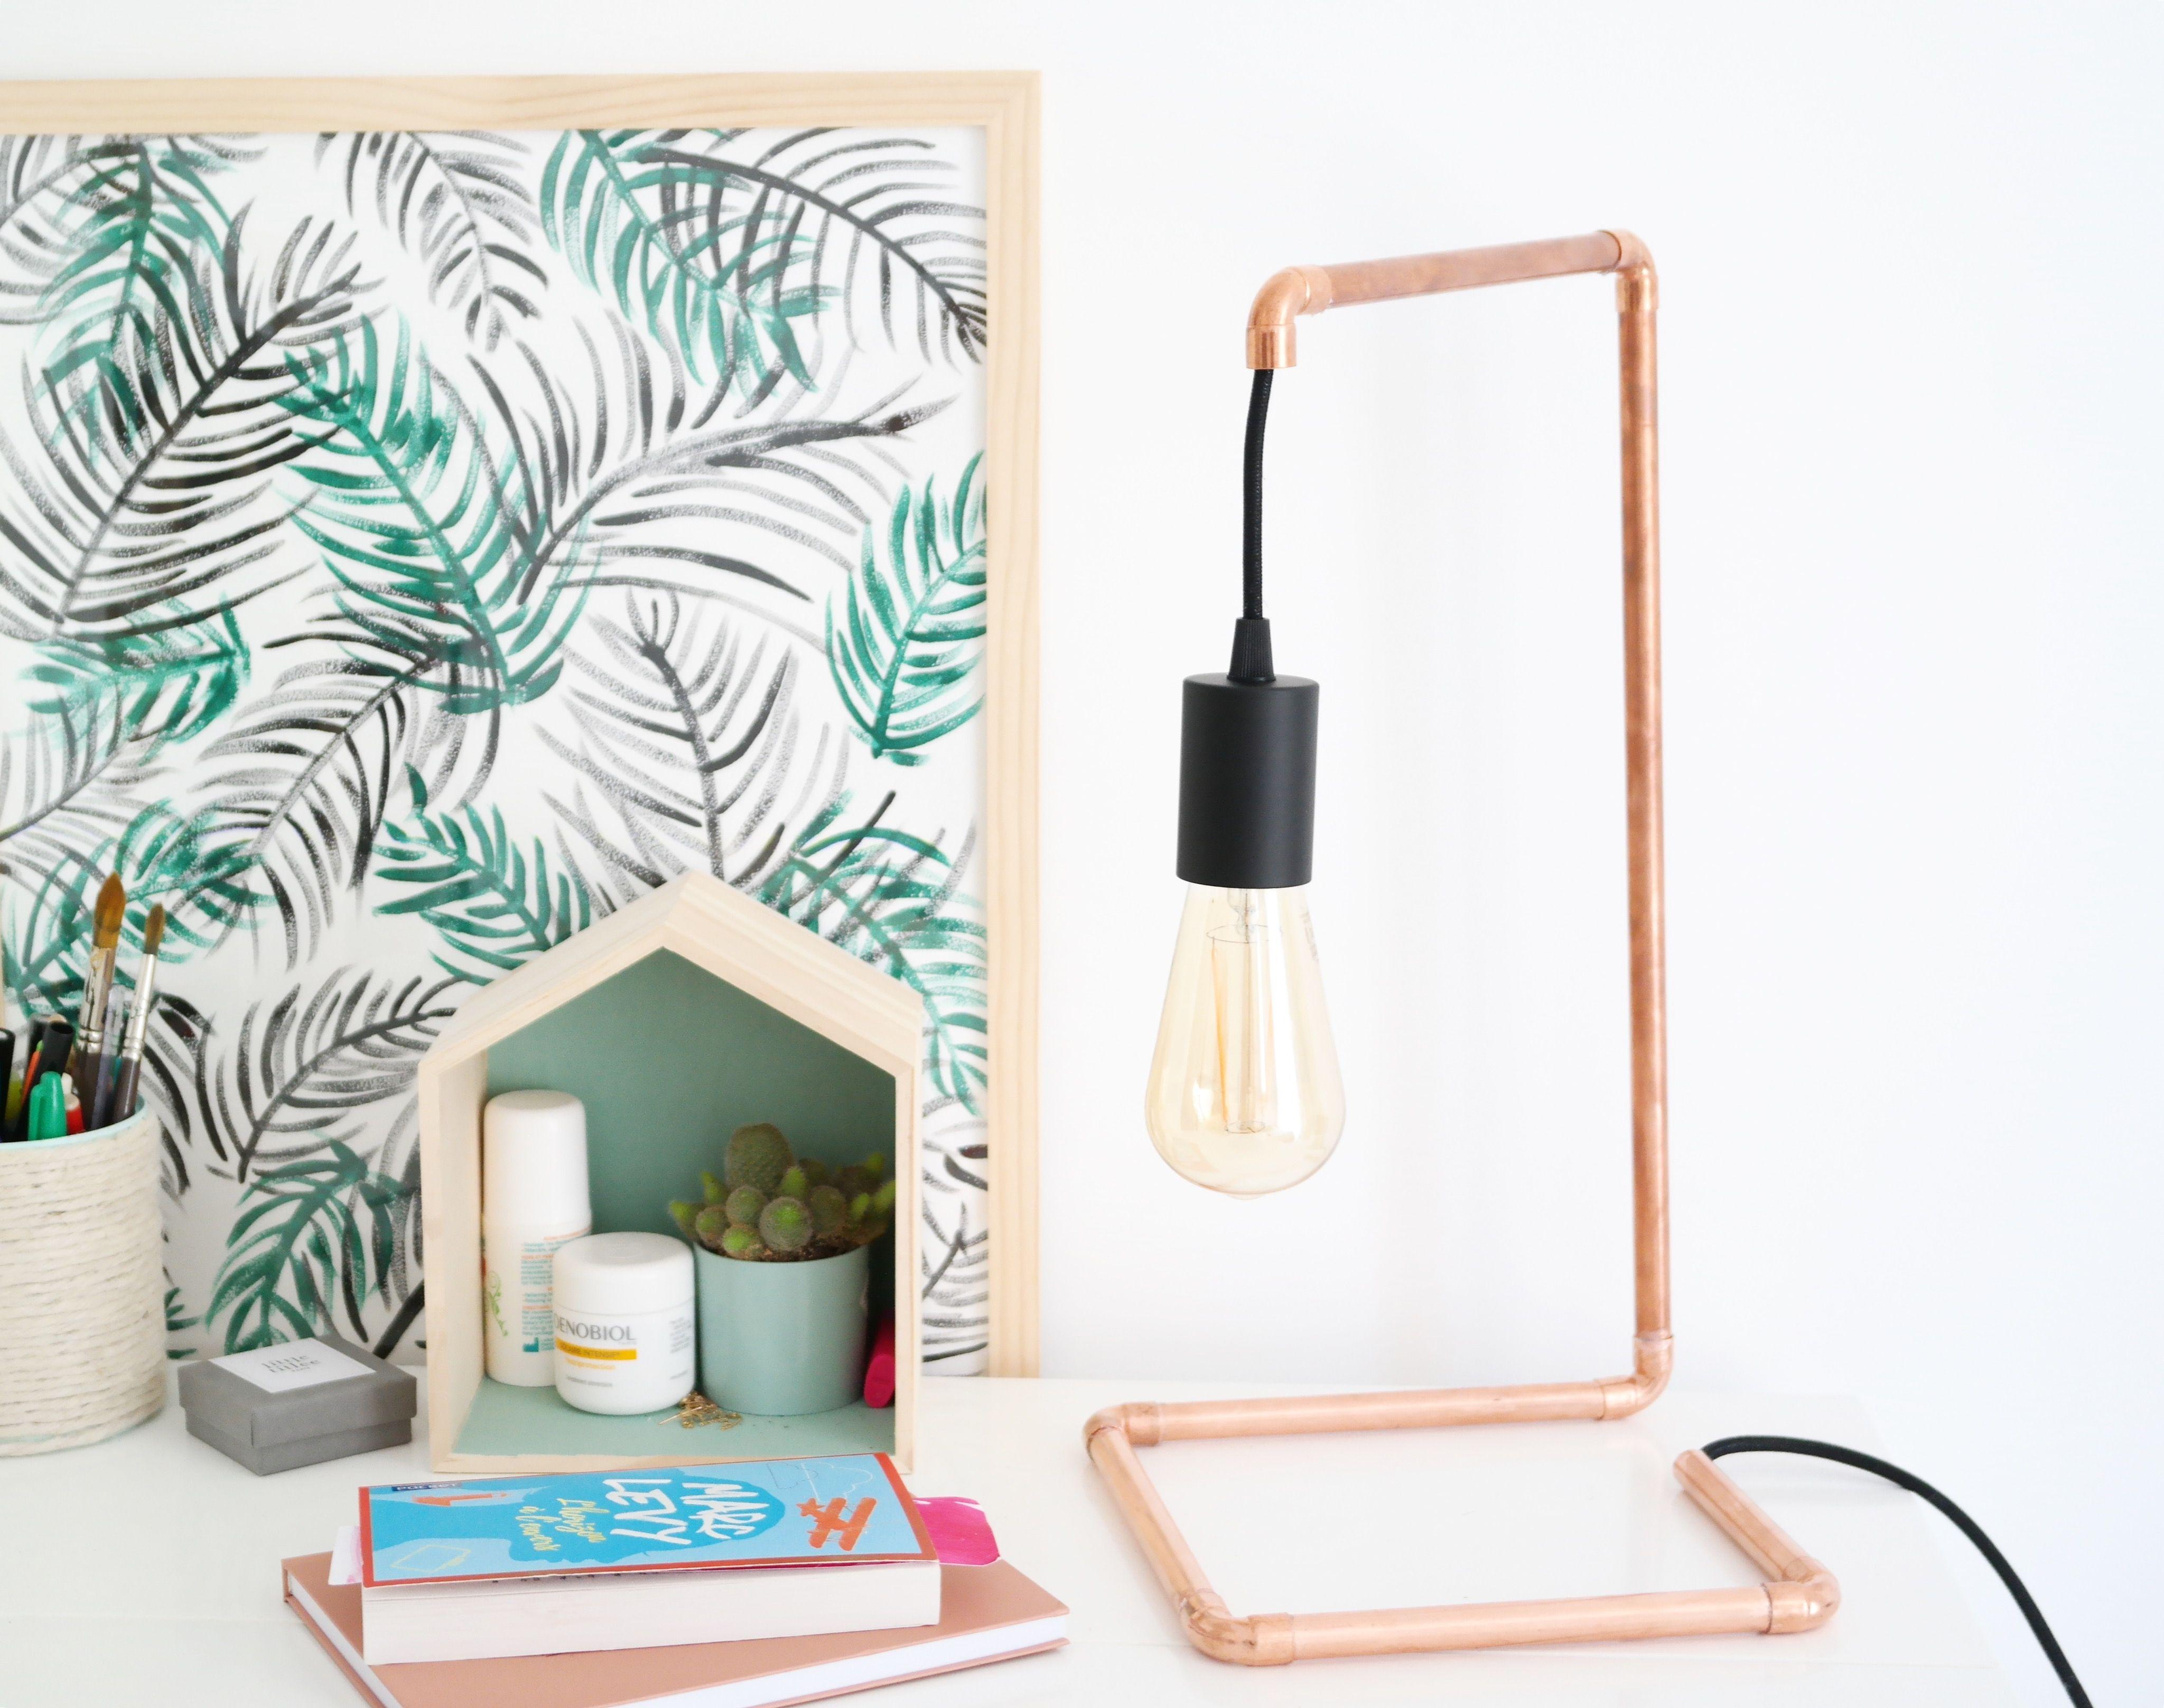 Fabriquer Lampe De Chevet Suspendu diy-lampe-cuivre | lampes | lampe cuivre, diy décoration et